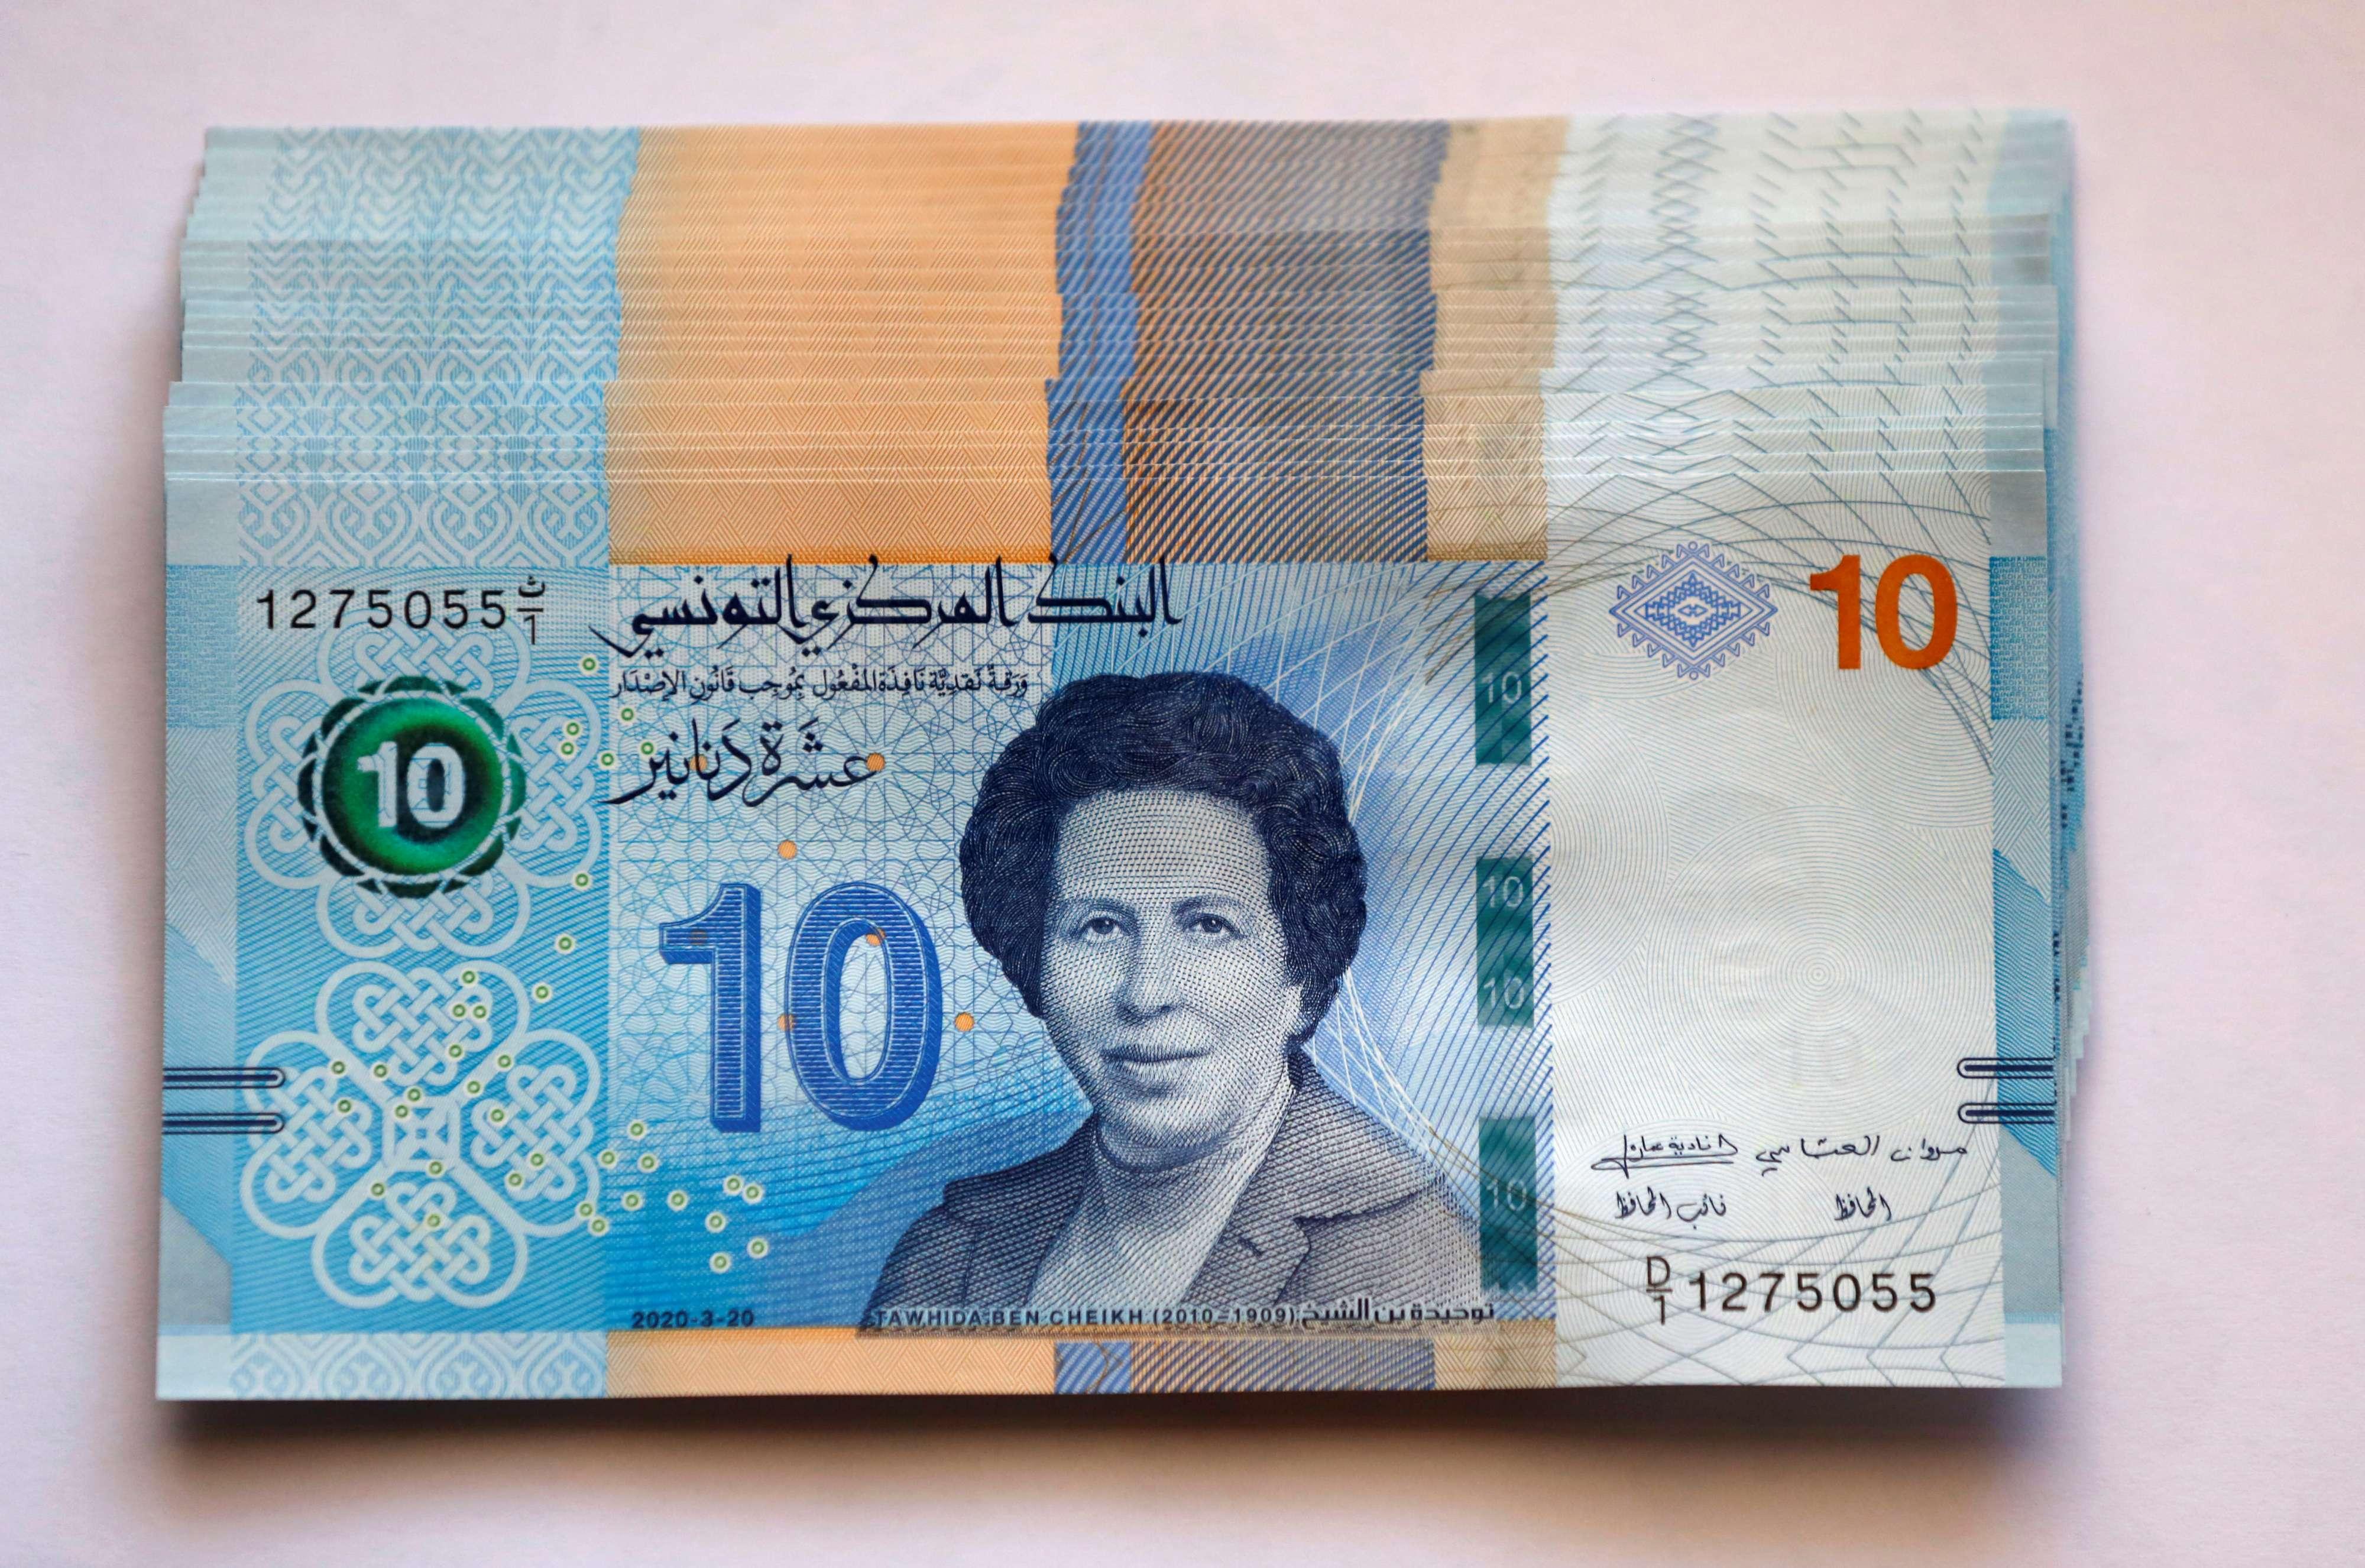 20200405124924reup--2020-04-05t124759z_396702106_rc2cyf9gv53z_rtrmadp_3_tunisia-women-banknotes.h